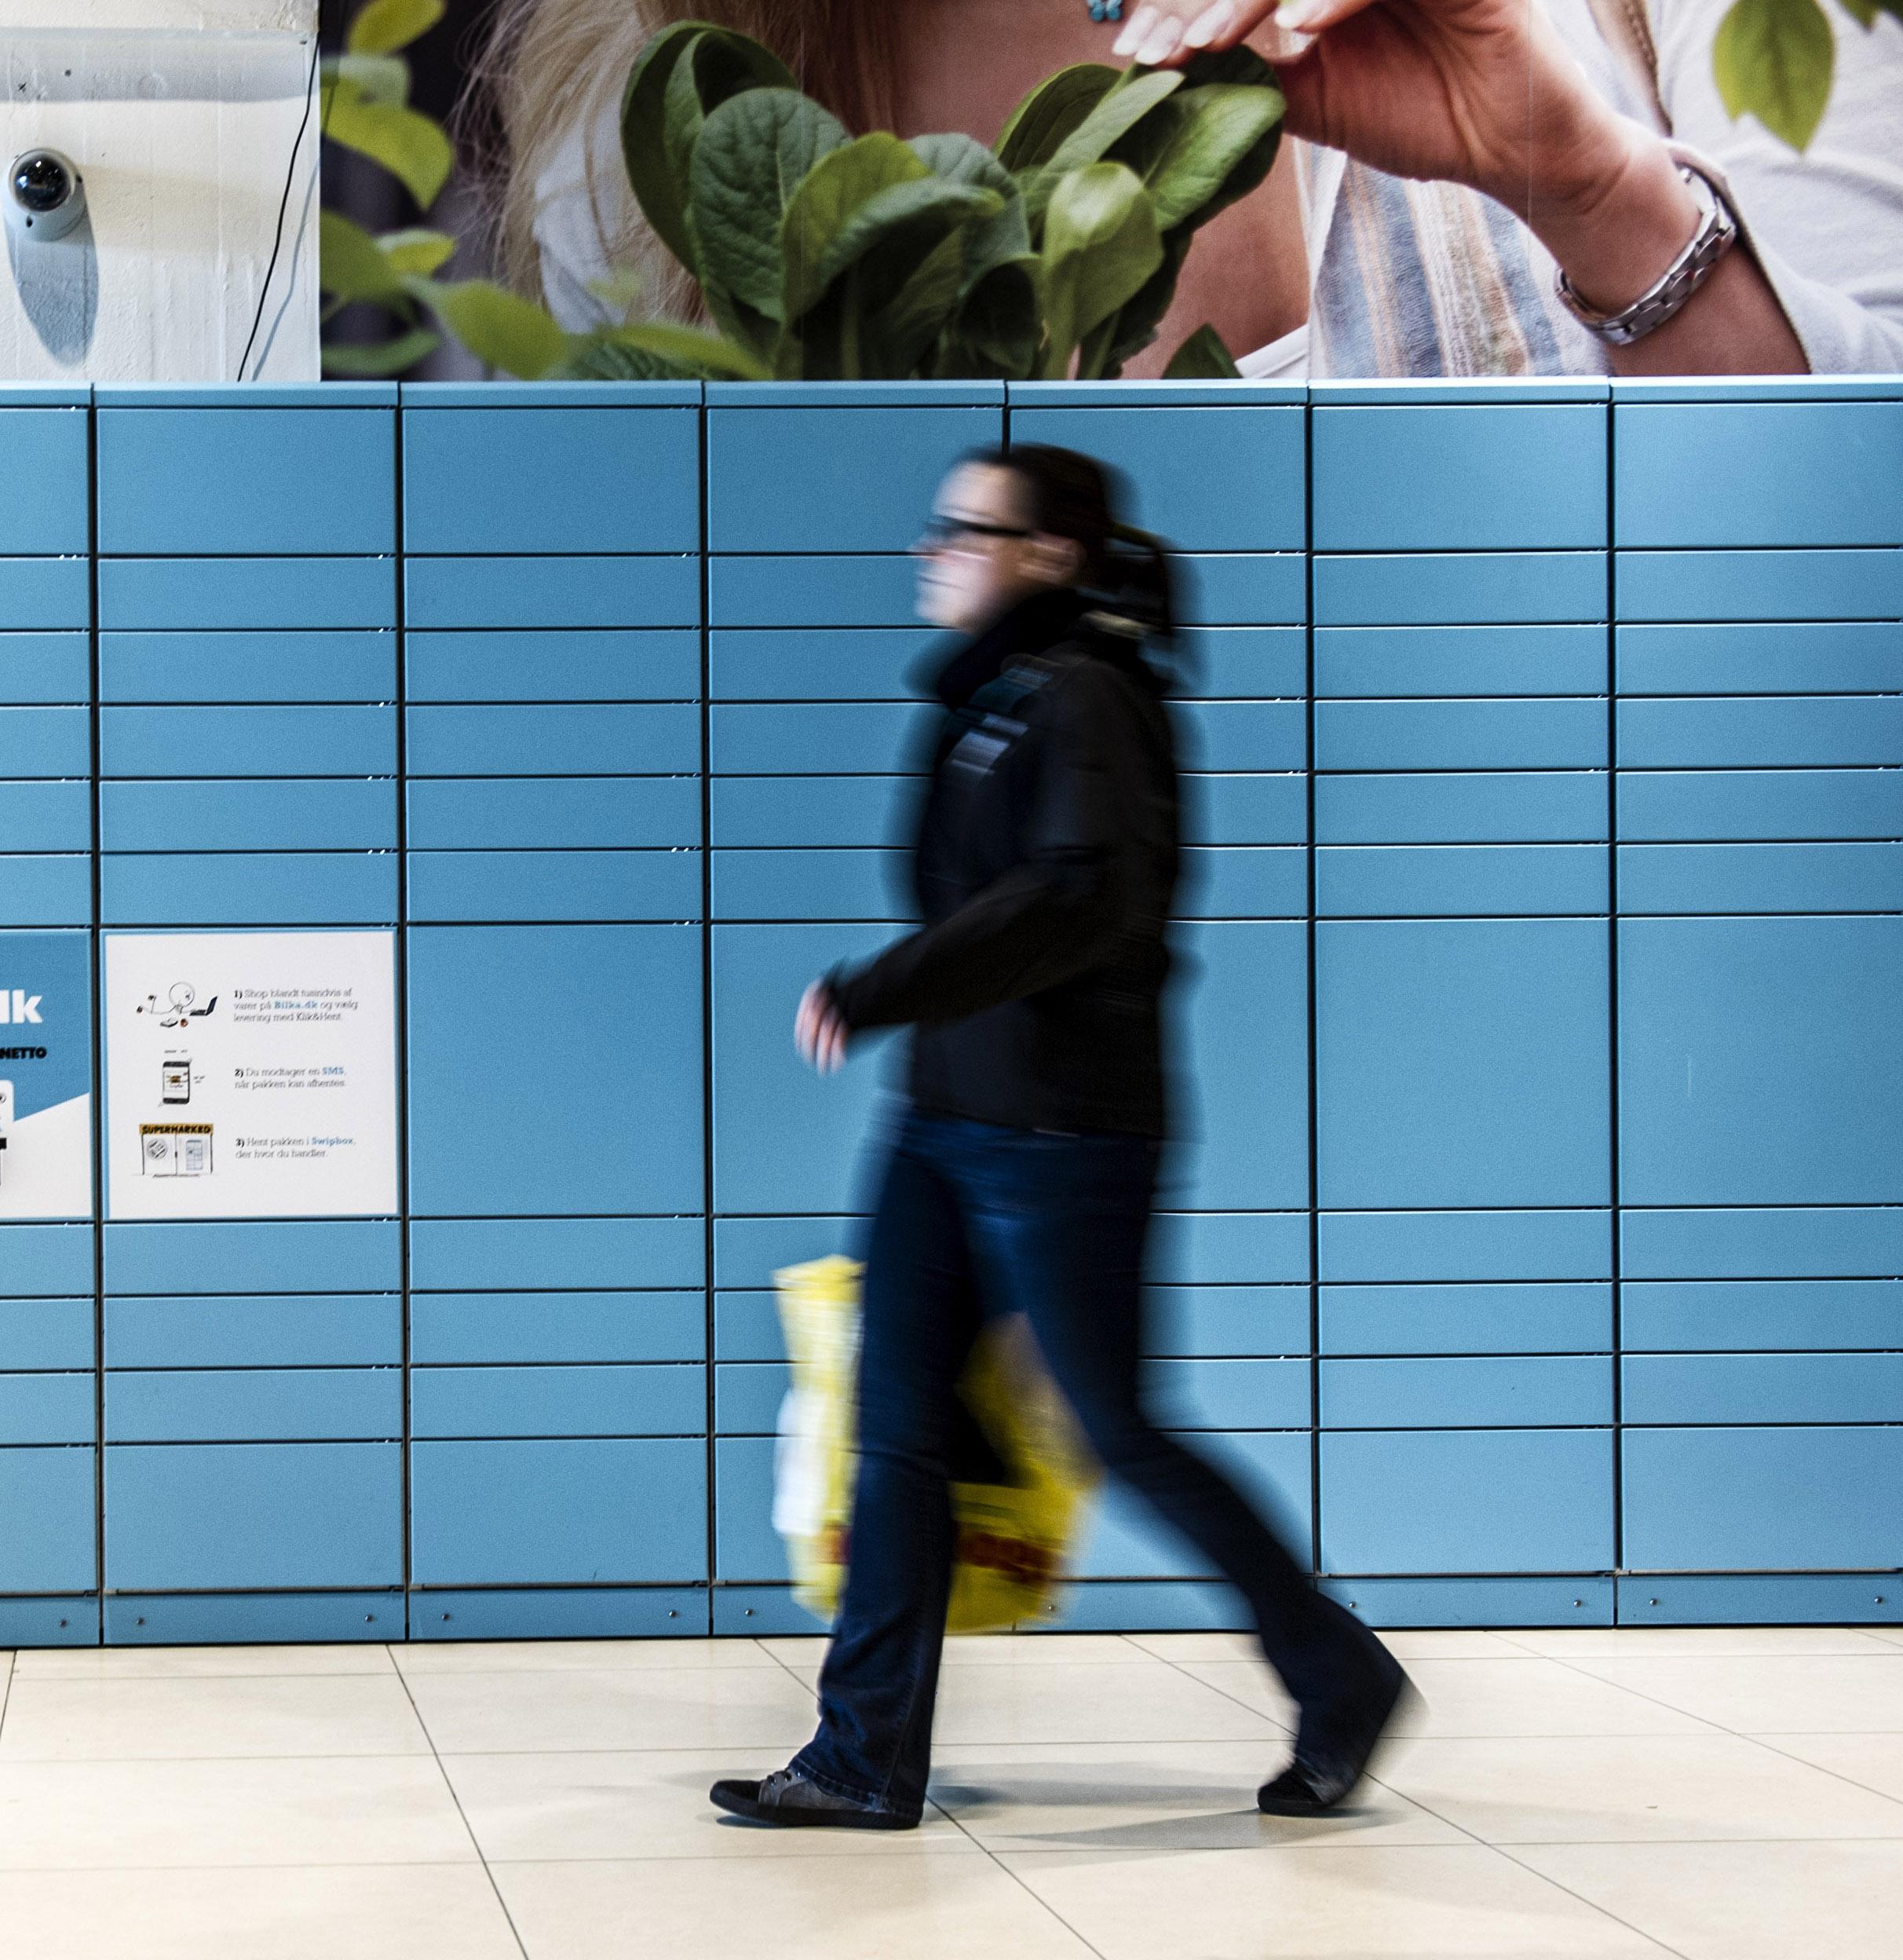 Dansk Supermarked går Postnord i bedene - Transportmagasinet